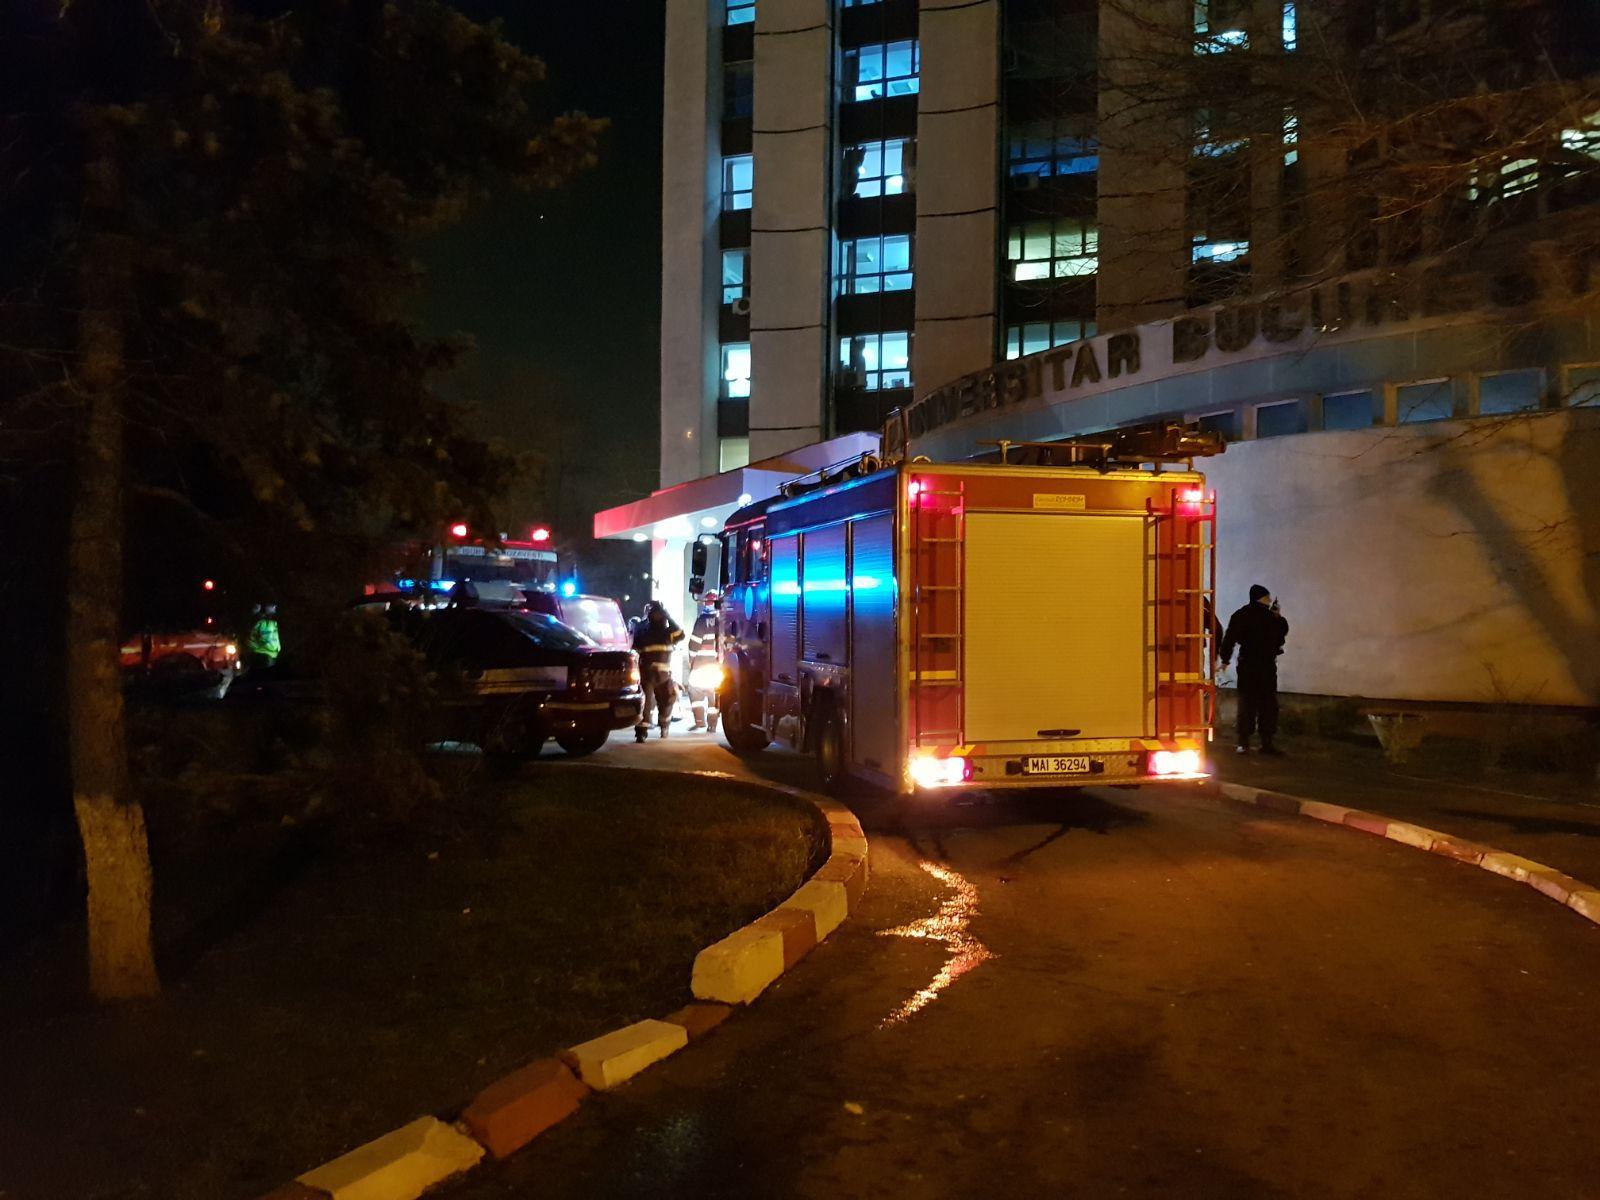 Fum la parterul Spitalului Universitar din Capitală. 20 de angajaţi ai unităţii s-au autoevacuat/ Incendiul a fost lichidat cu extinctoare. Nu s-au înregistrat victime